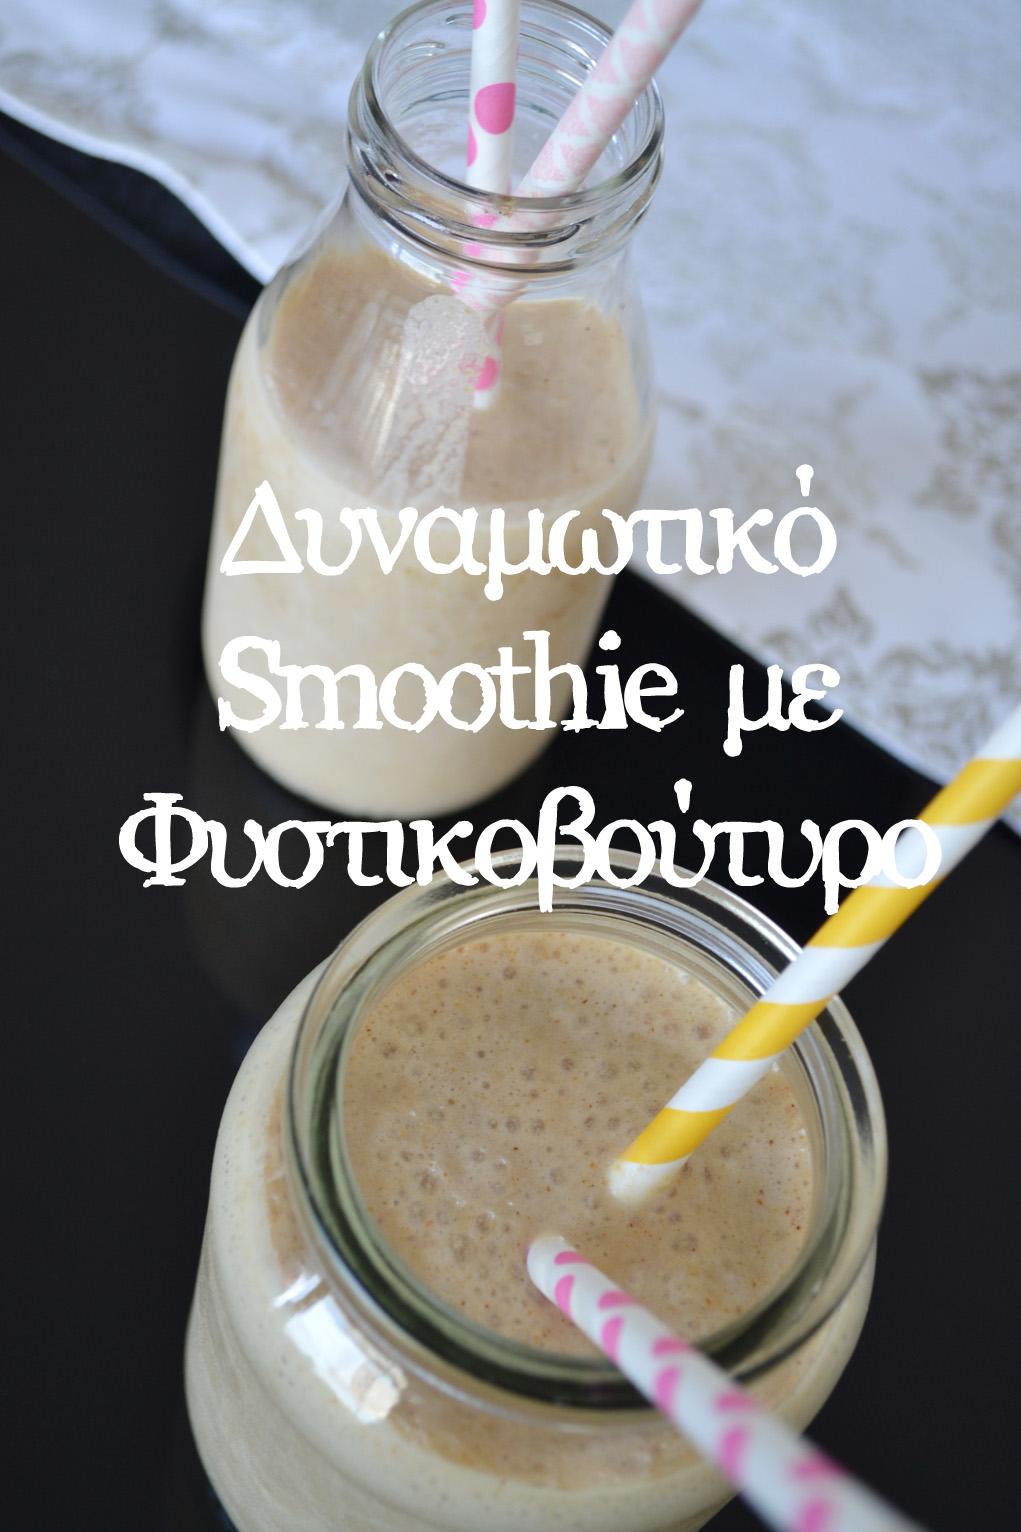 Πρωινό γεμάτο ενέργεια να το πιεις στο ποτήρι!!